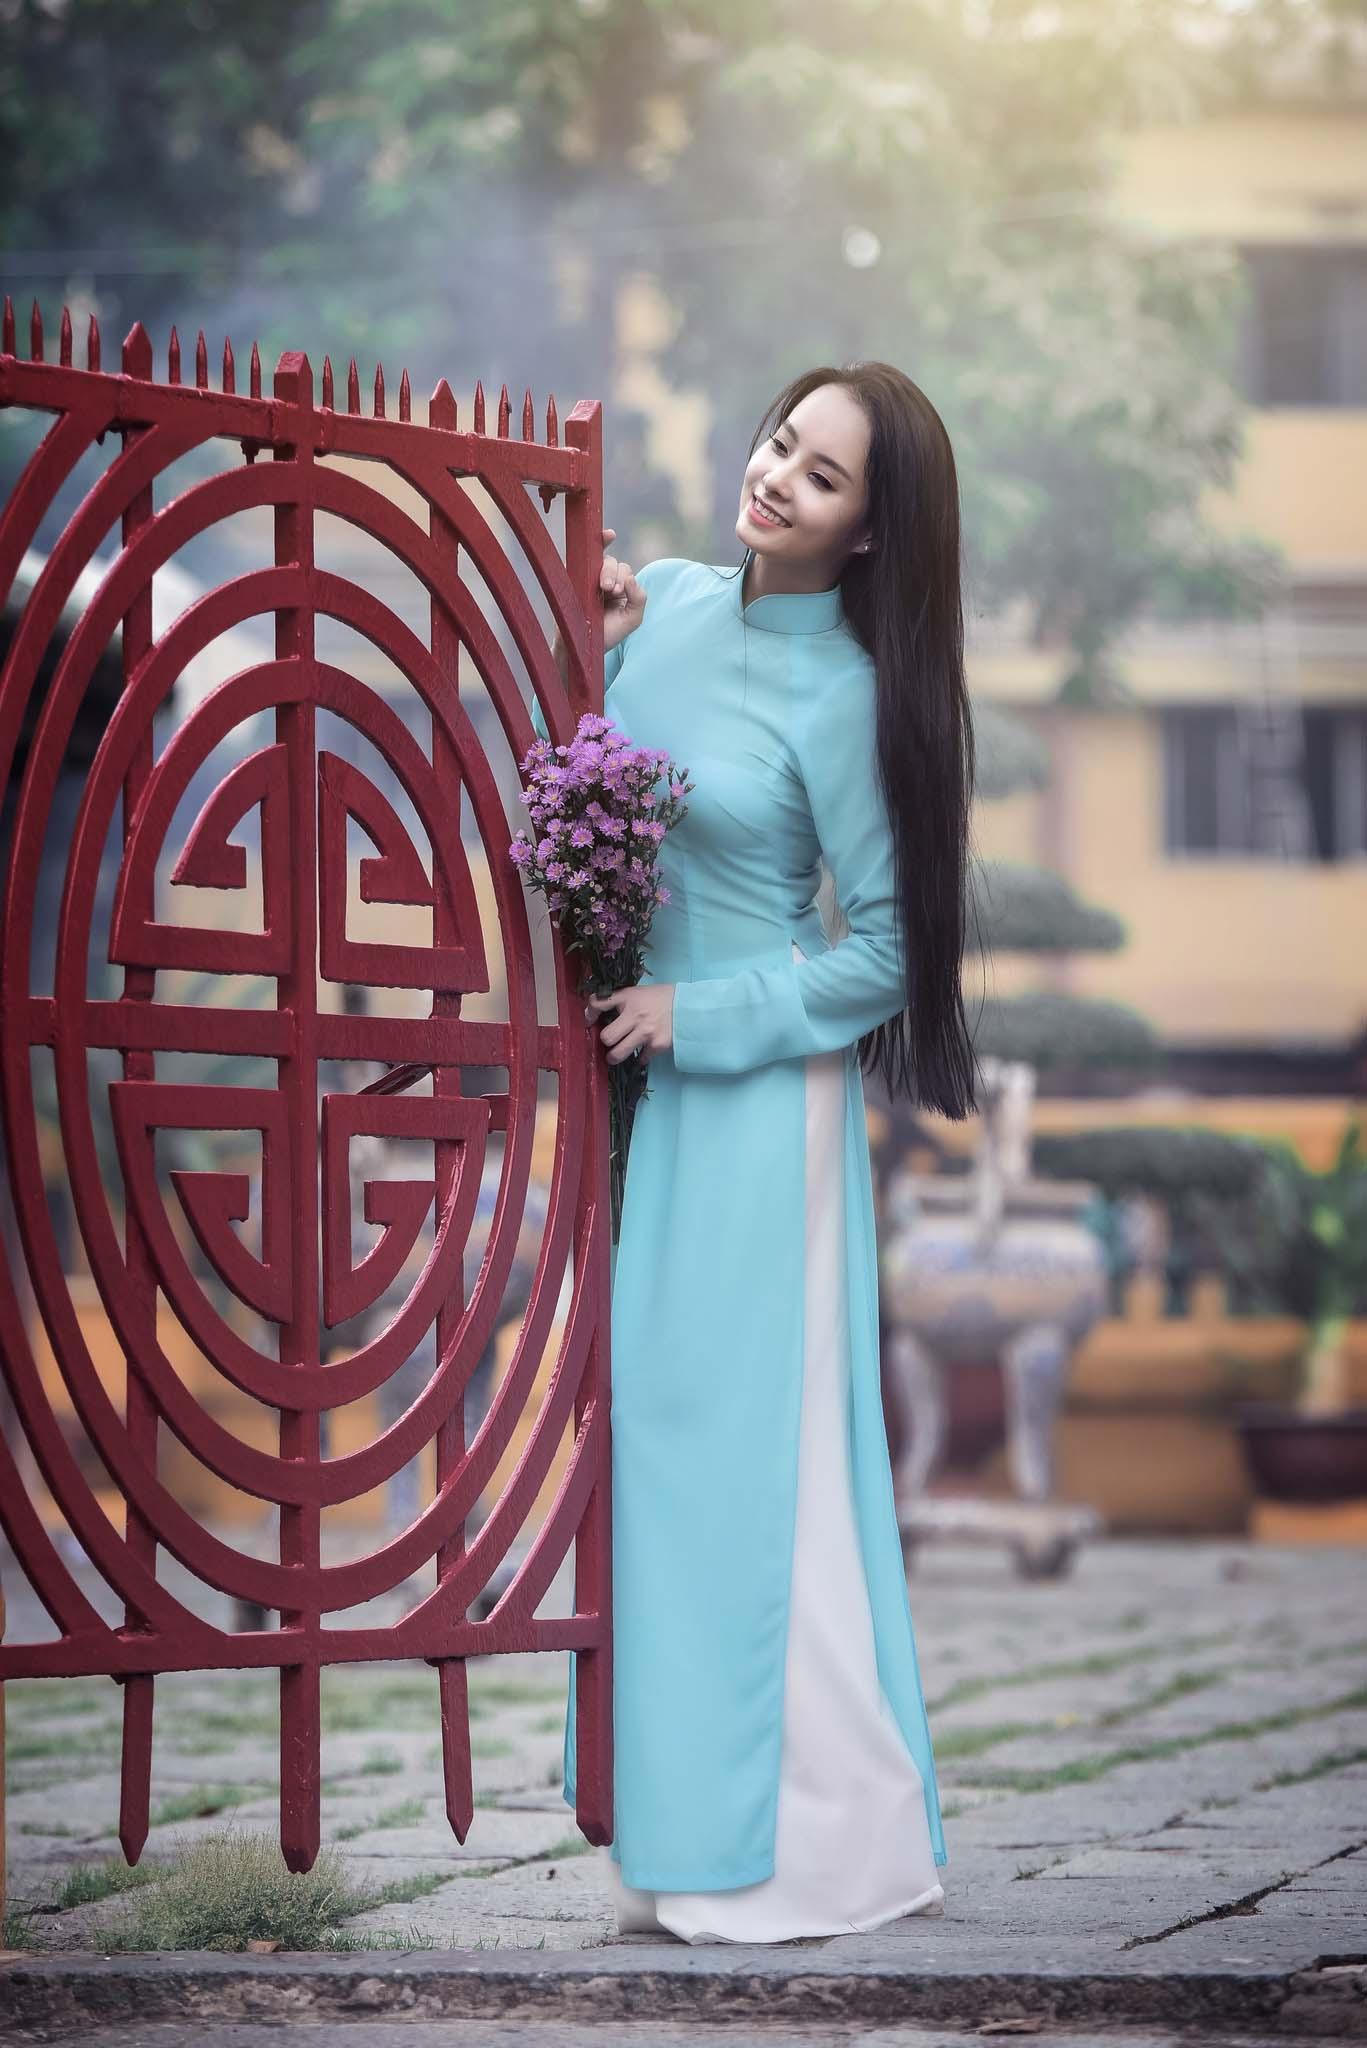 ao dai lang ong ba chieu - Địa điểm chụp ảnh áo dài đẹp ở Thành phố Hồ Chí Minh